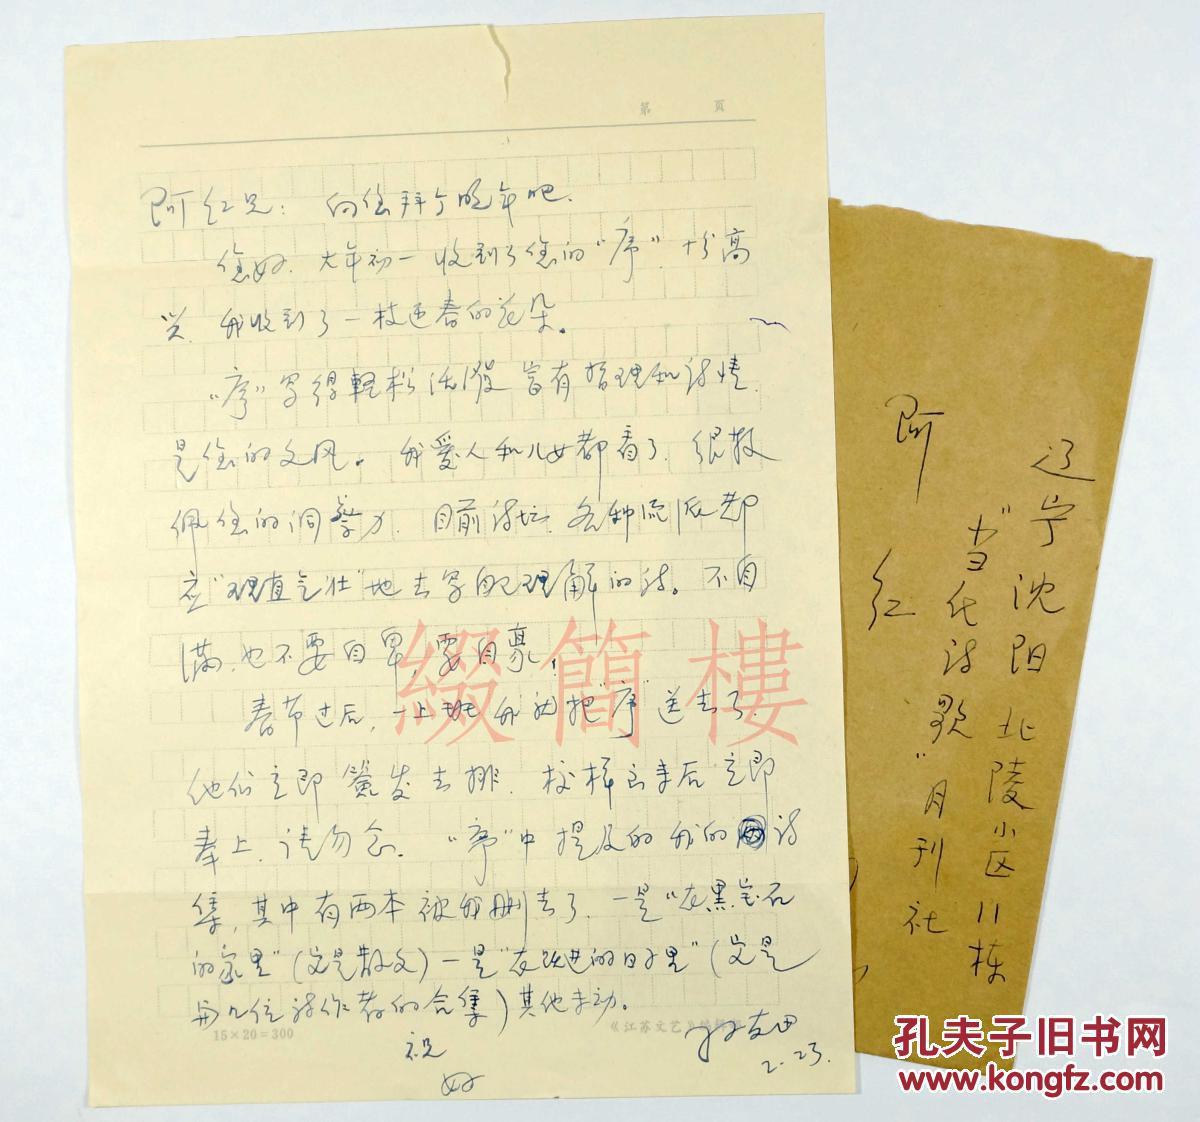 mzd16071141著名诗人 《扬子江》诗刊主编 孙友田(1937-) 致阿红 信札